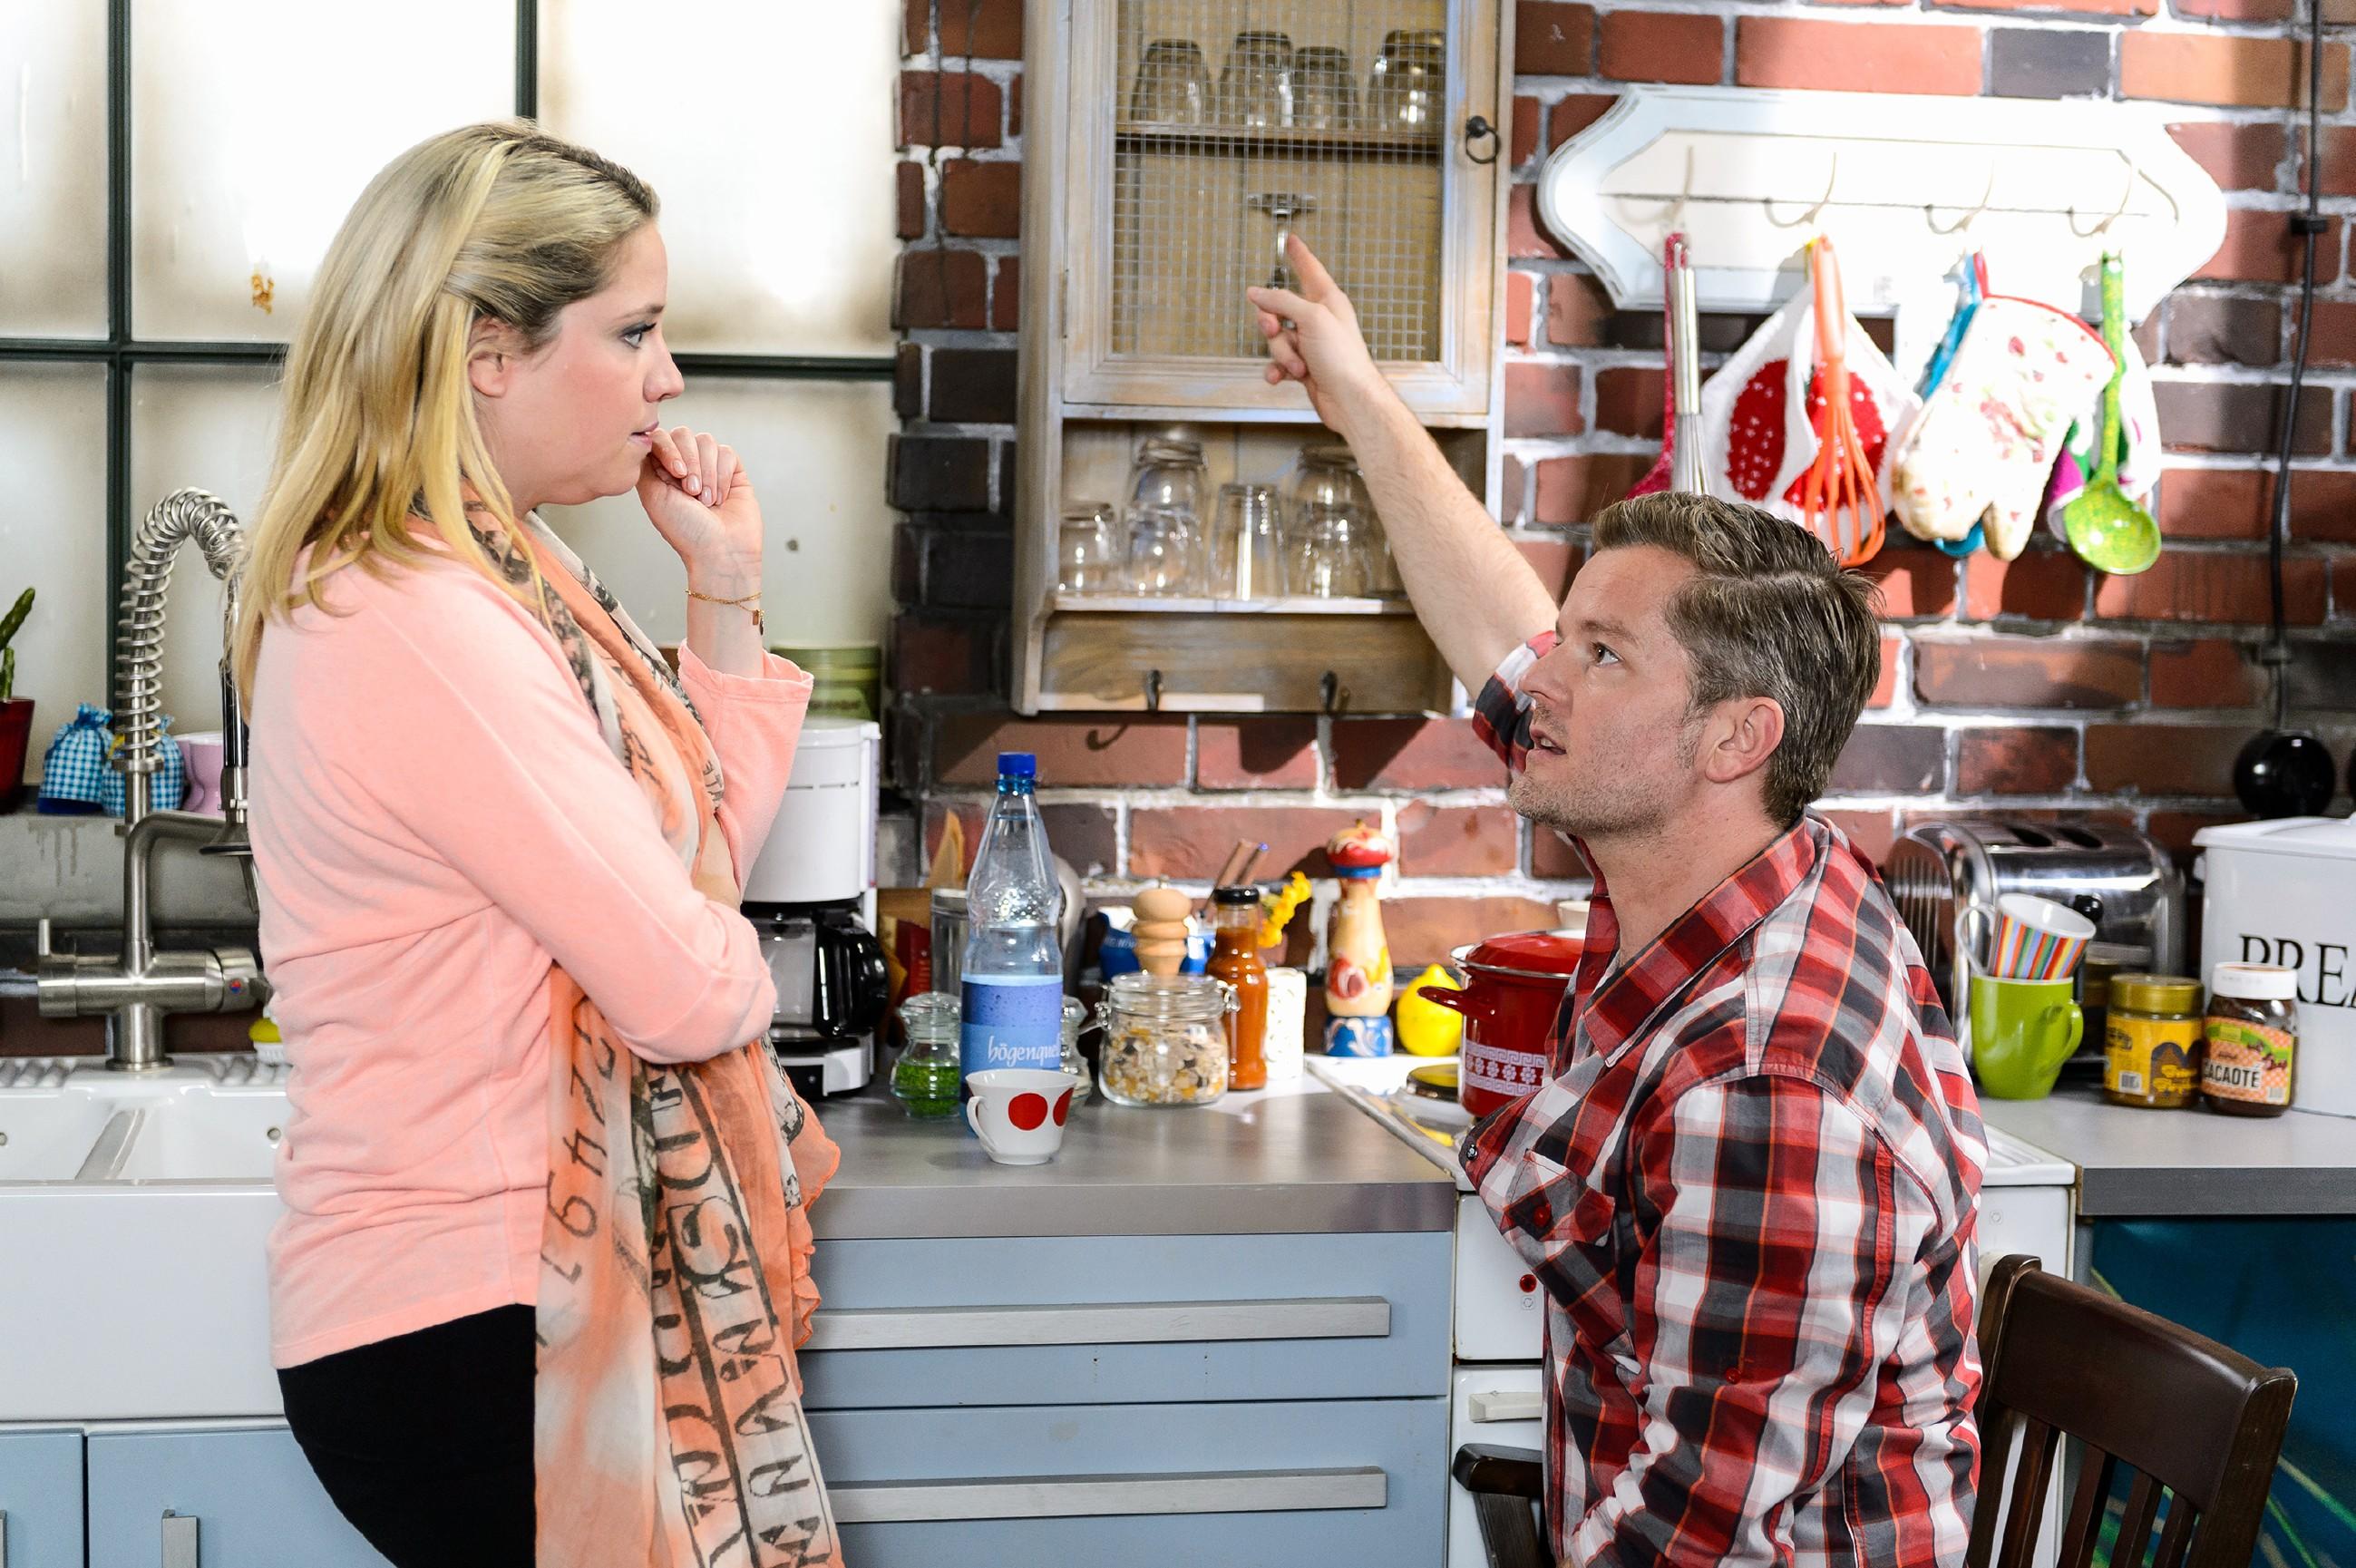 Bea (Caroline Maria Frier) und Ingo (André Dietz) wollen alles tun, damit Marie sich nach ihrer Entlassung aus dem Krankenhaus im Loft wohlfühlen und mit dem Rollstuhl frei bewegen kann. (Quelle: RTL / Willi Weber)